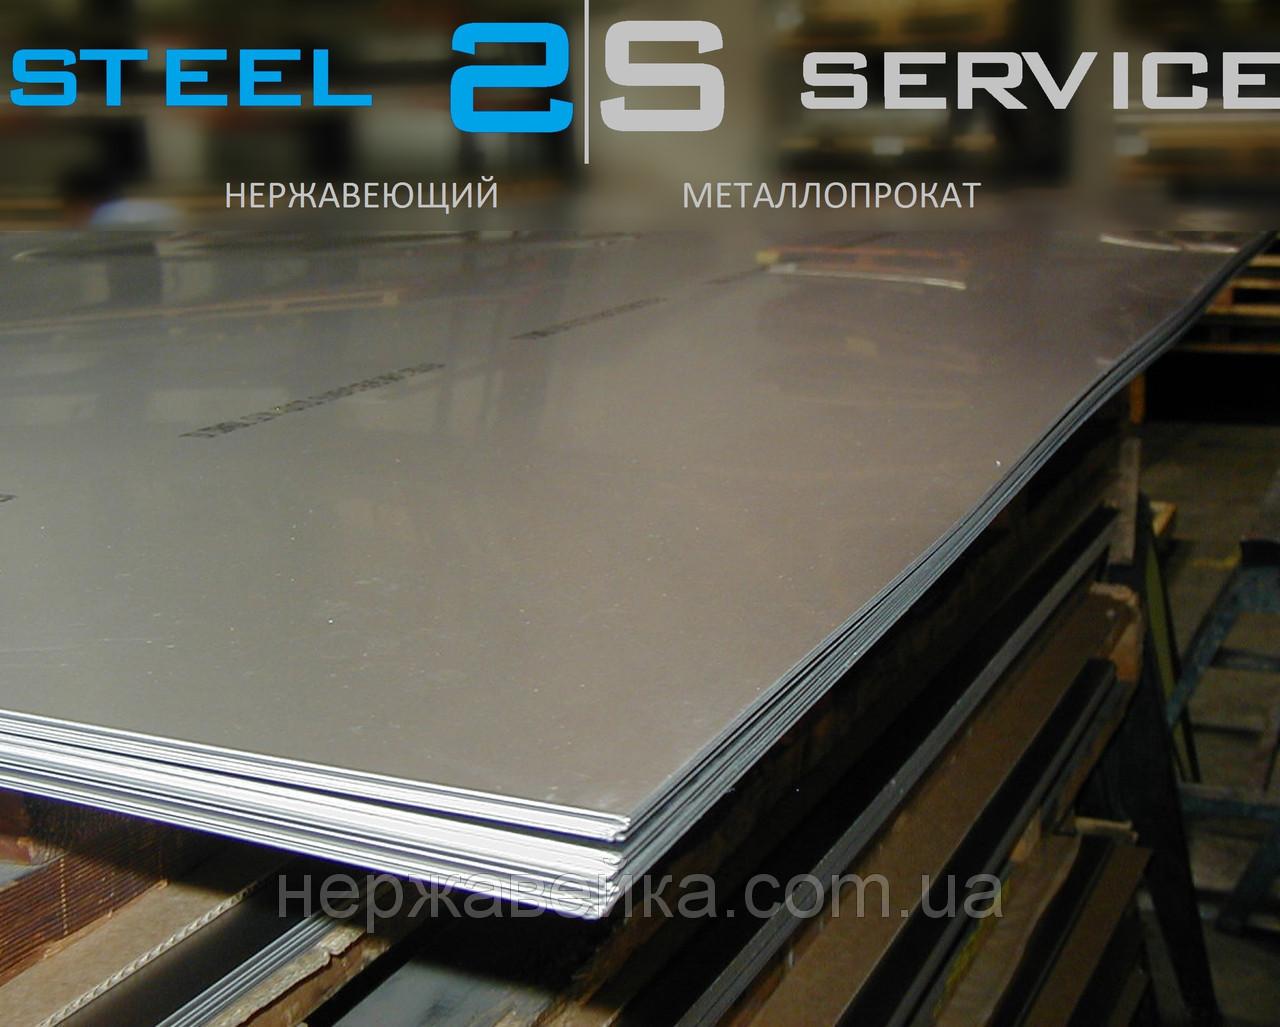 Нержавіючий лист 6х1000х2000мм AISI 316Ti(10Х17Н13М2Т) F1 - гарячекатаний, кислотостійкий